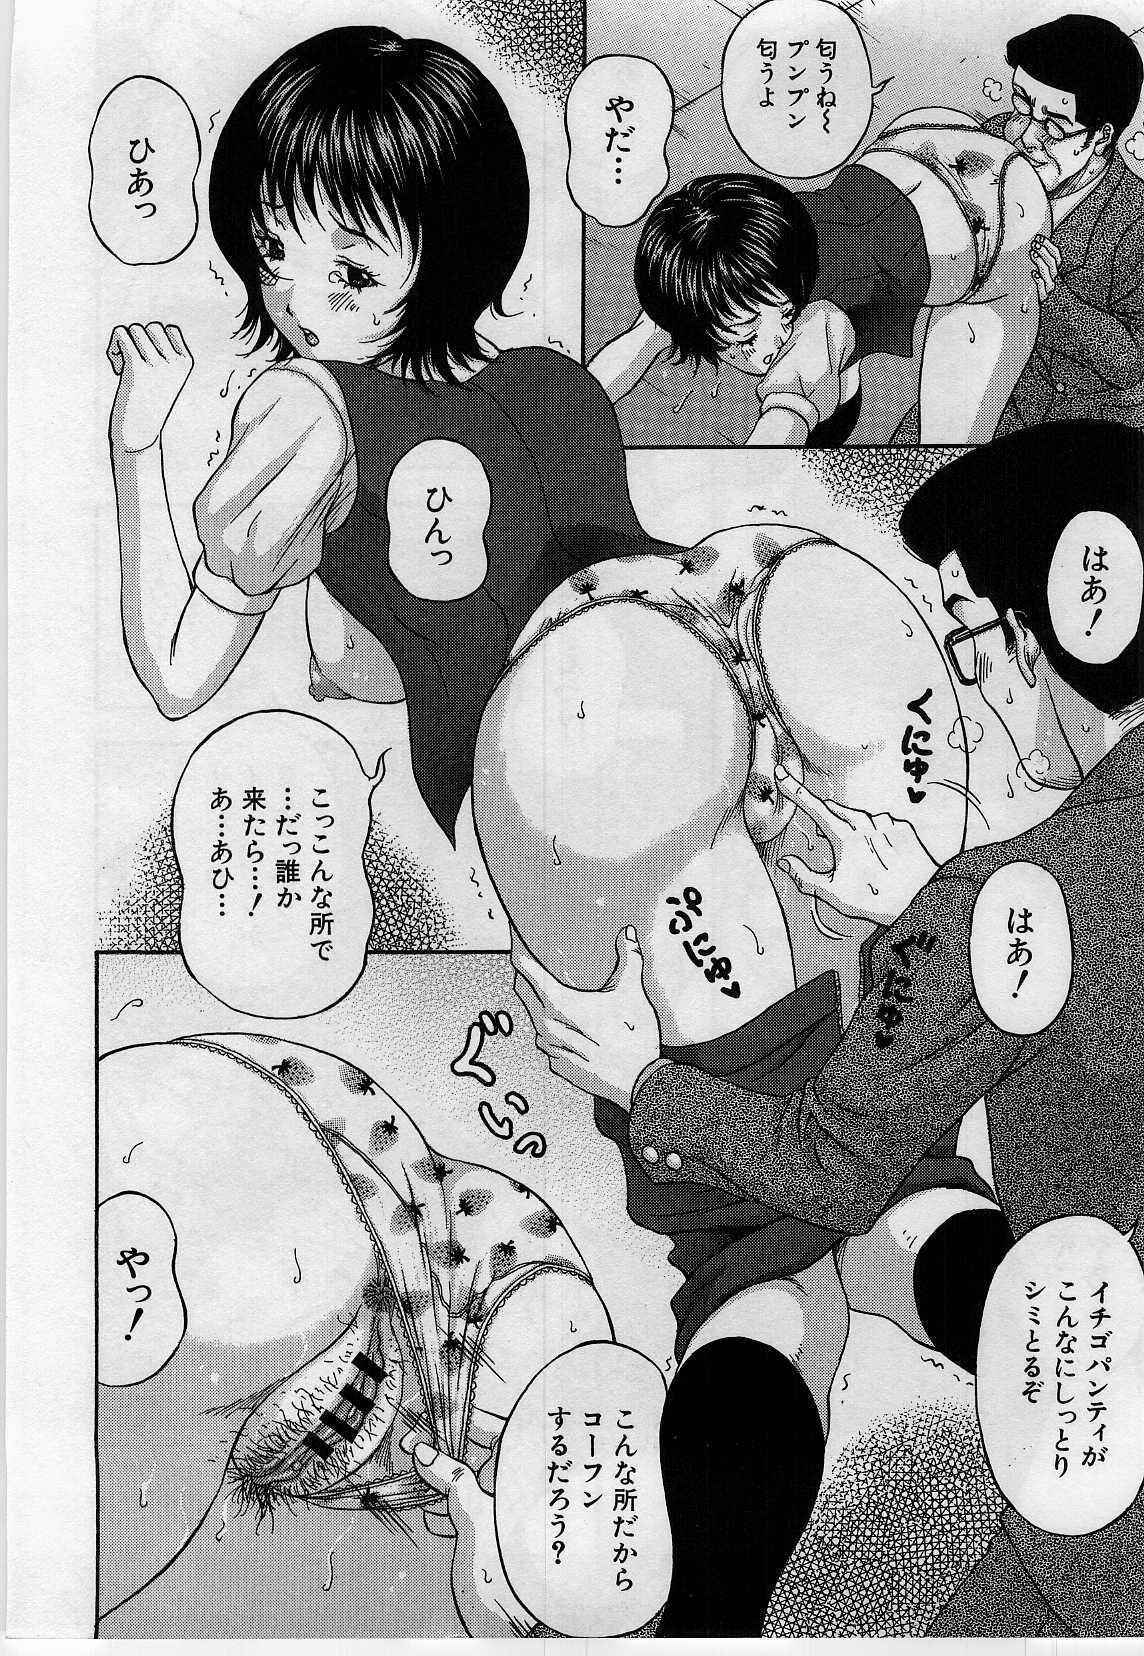 Yokubou no Hako - The Box of the Desire 47